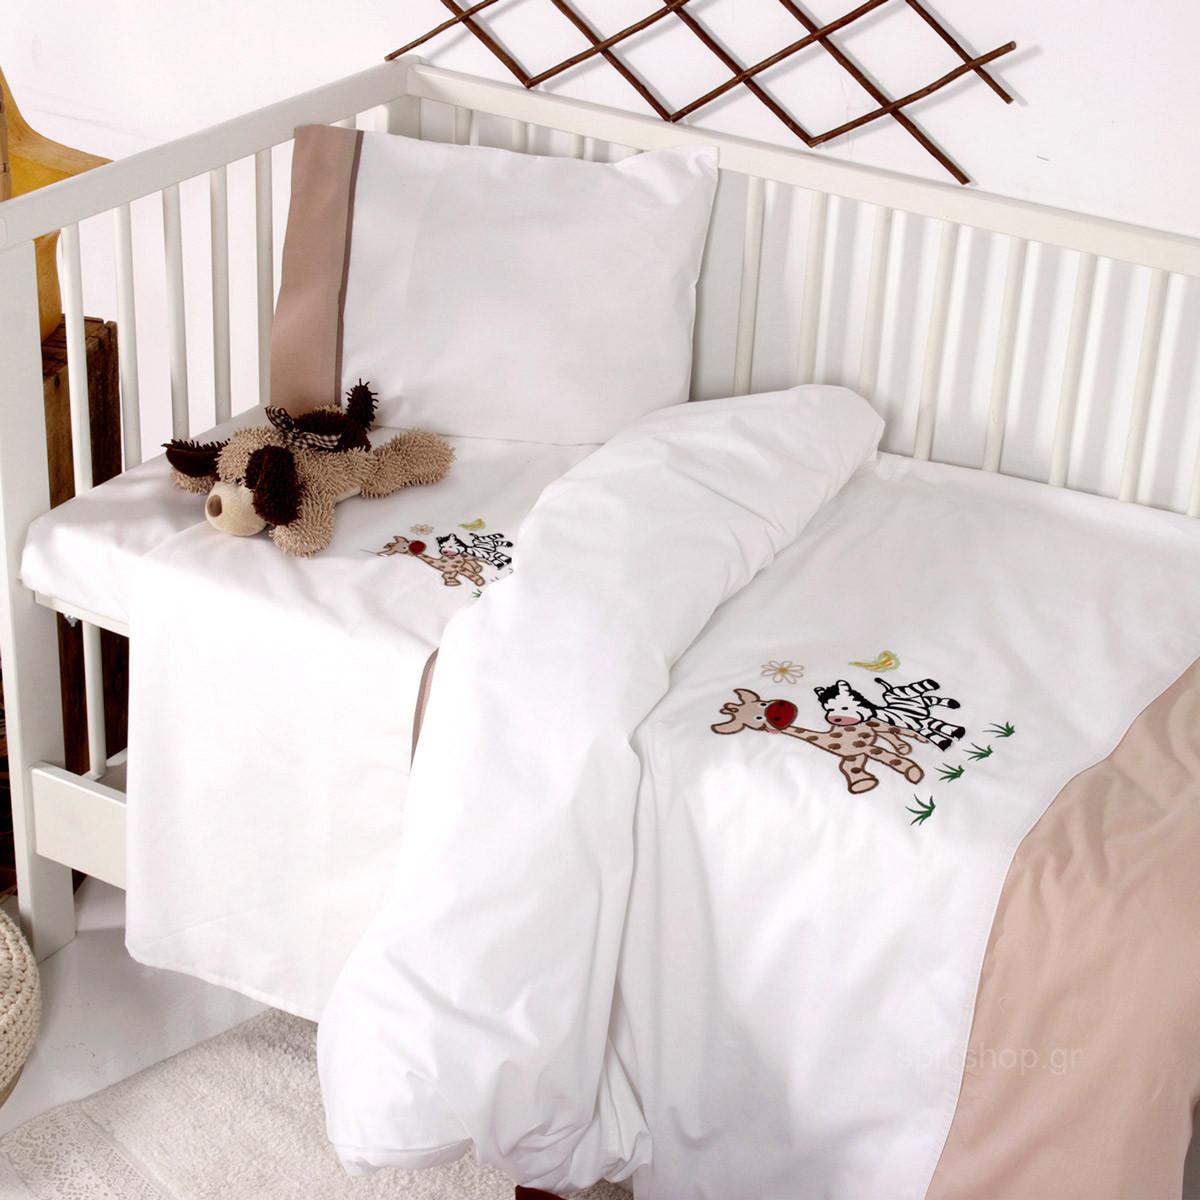 Σεντόνια Κούνιας (Σετ) Sb Home Baby Olly & Zemo Beige